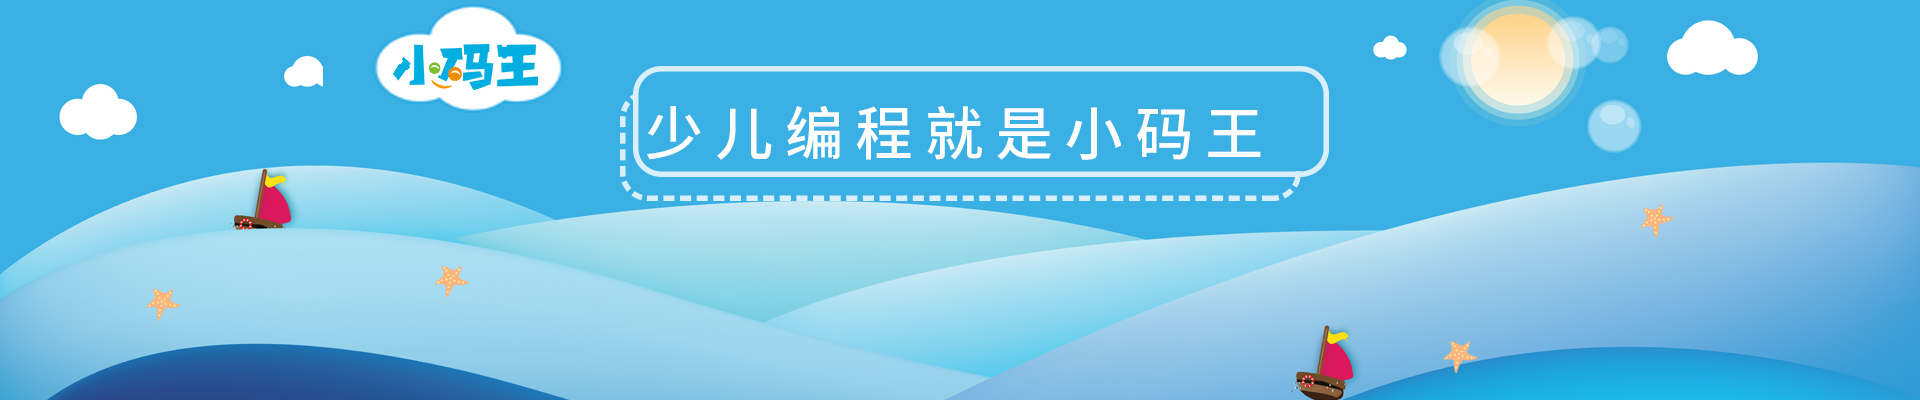 青岛市北新都心小码王少儿编程培训机构